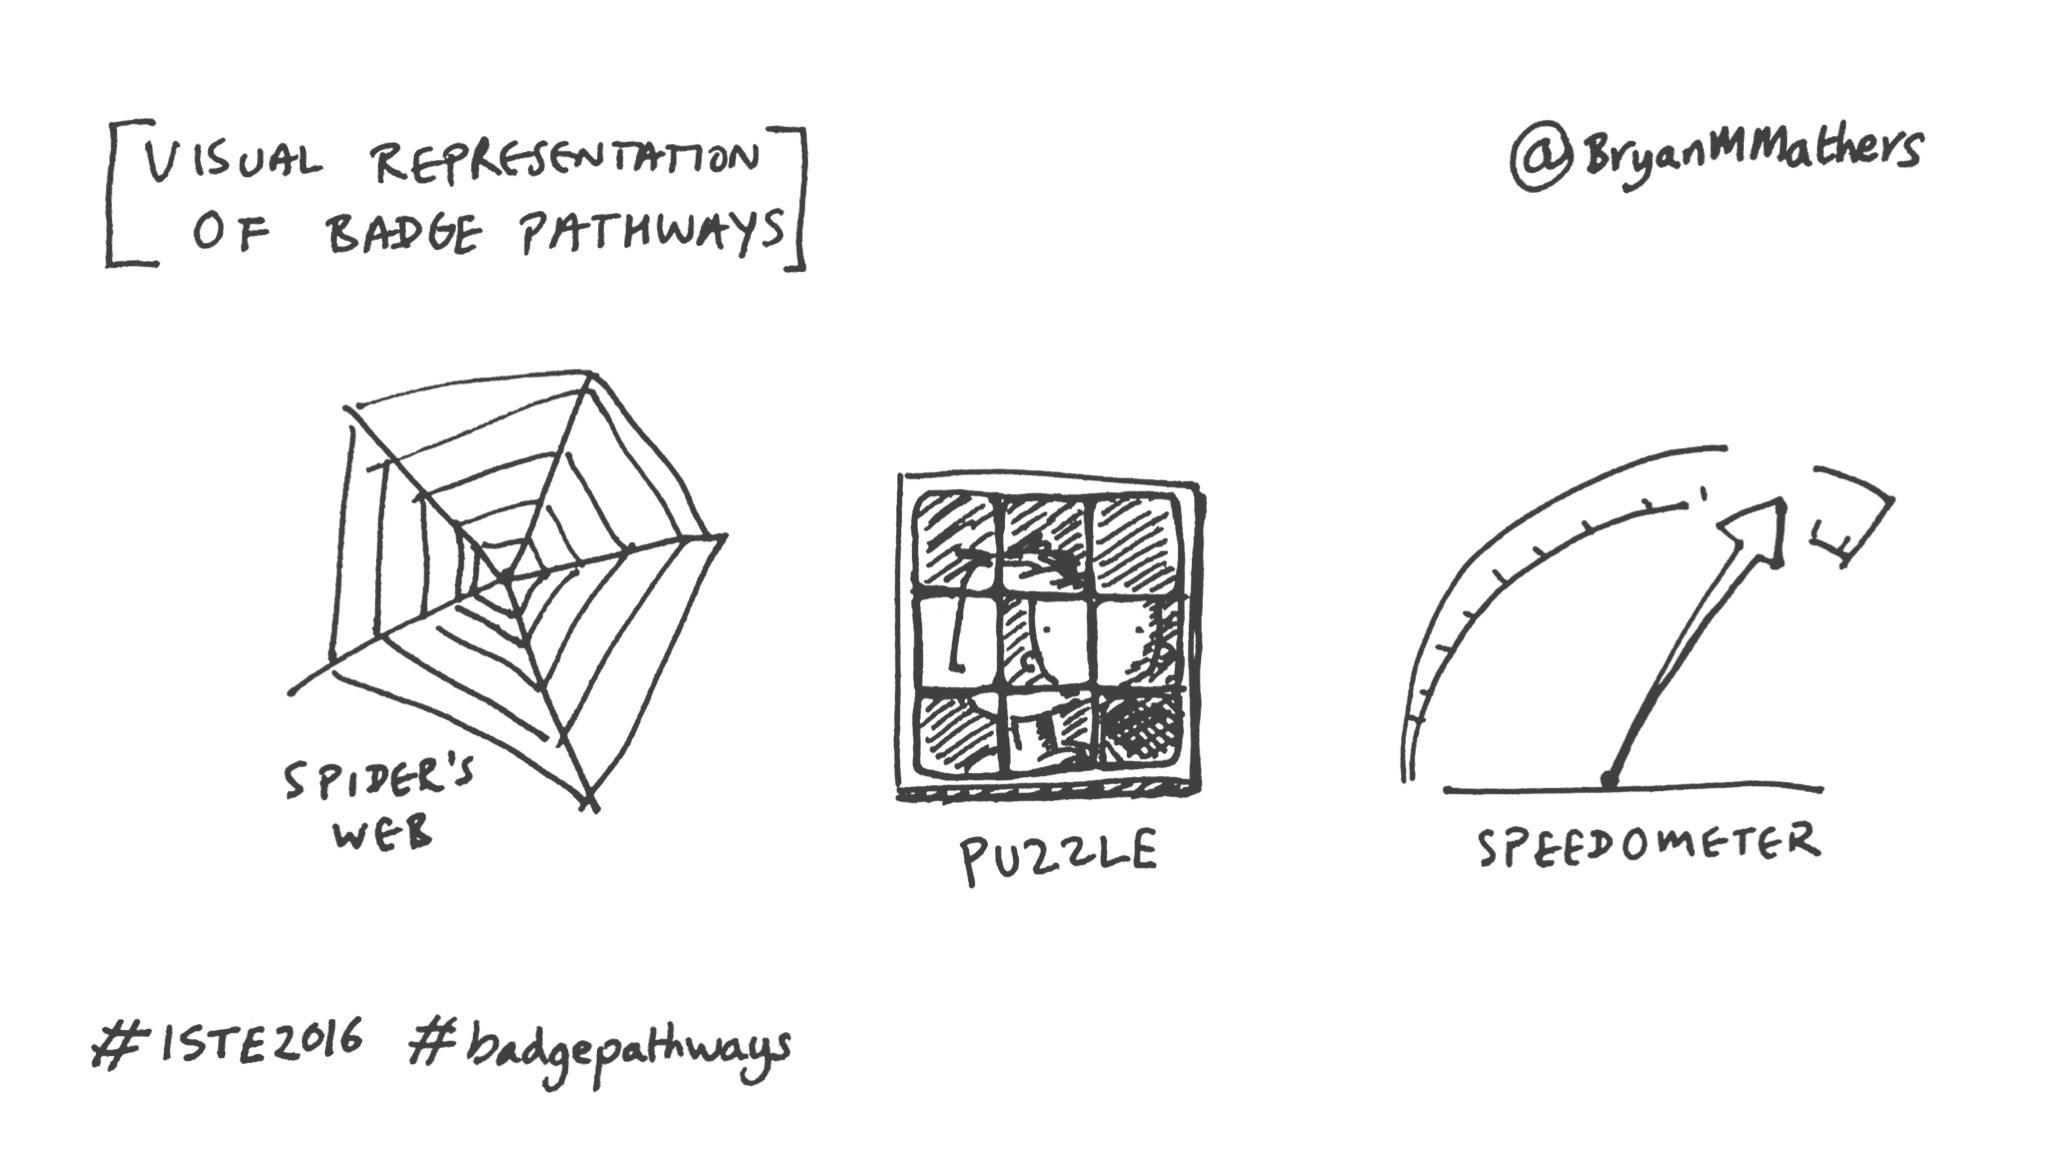 Badge Pathways